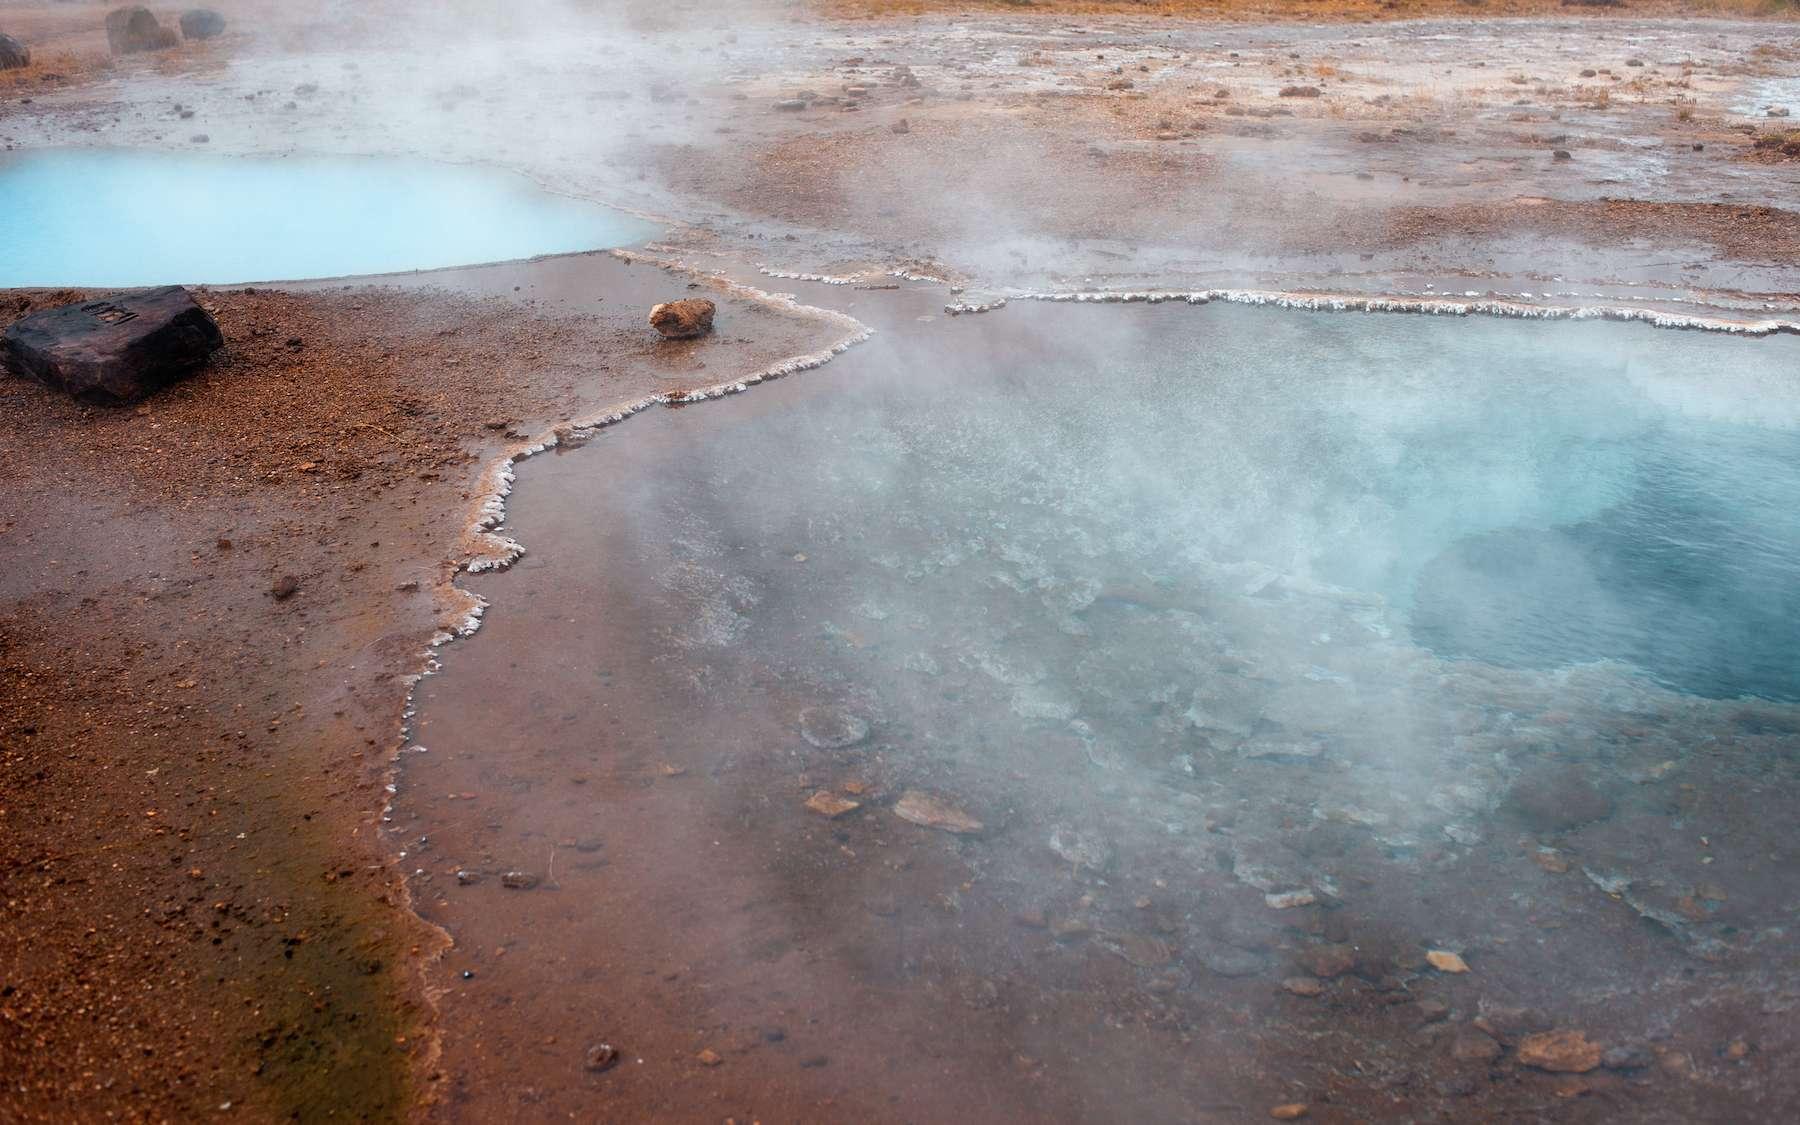 Le sulfure d'hydrogène est naturellement émis par les sources d'eau chaude. © Ulia Koltyrina, Adobe Stock